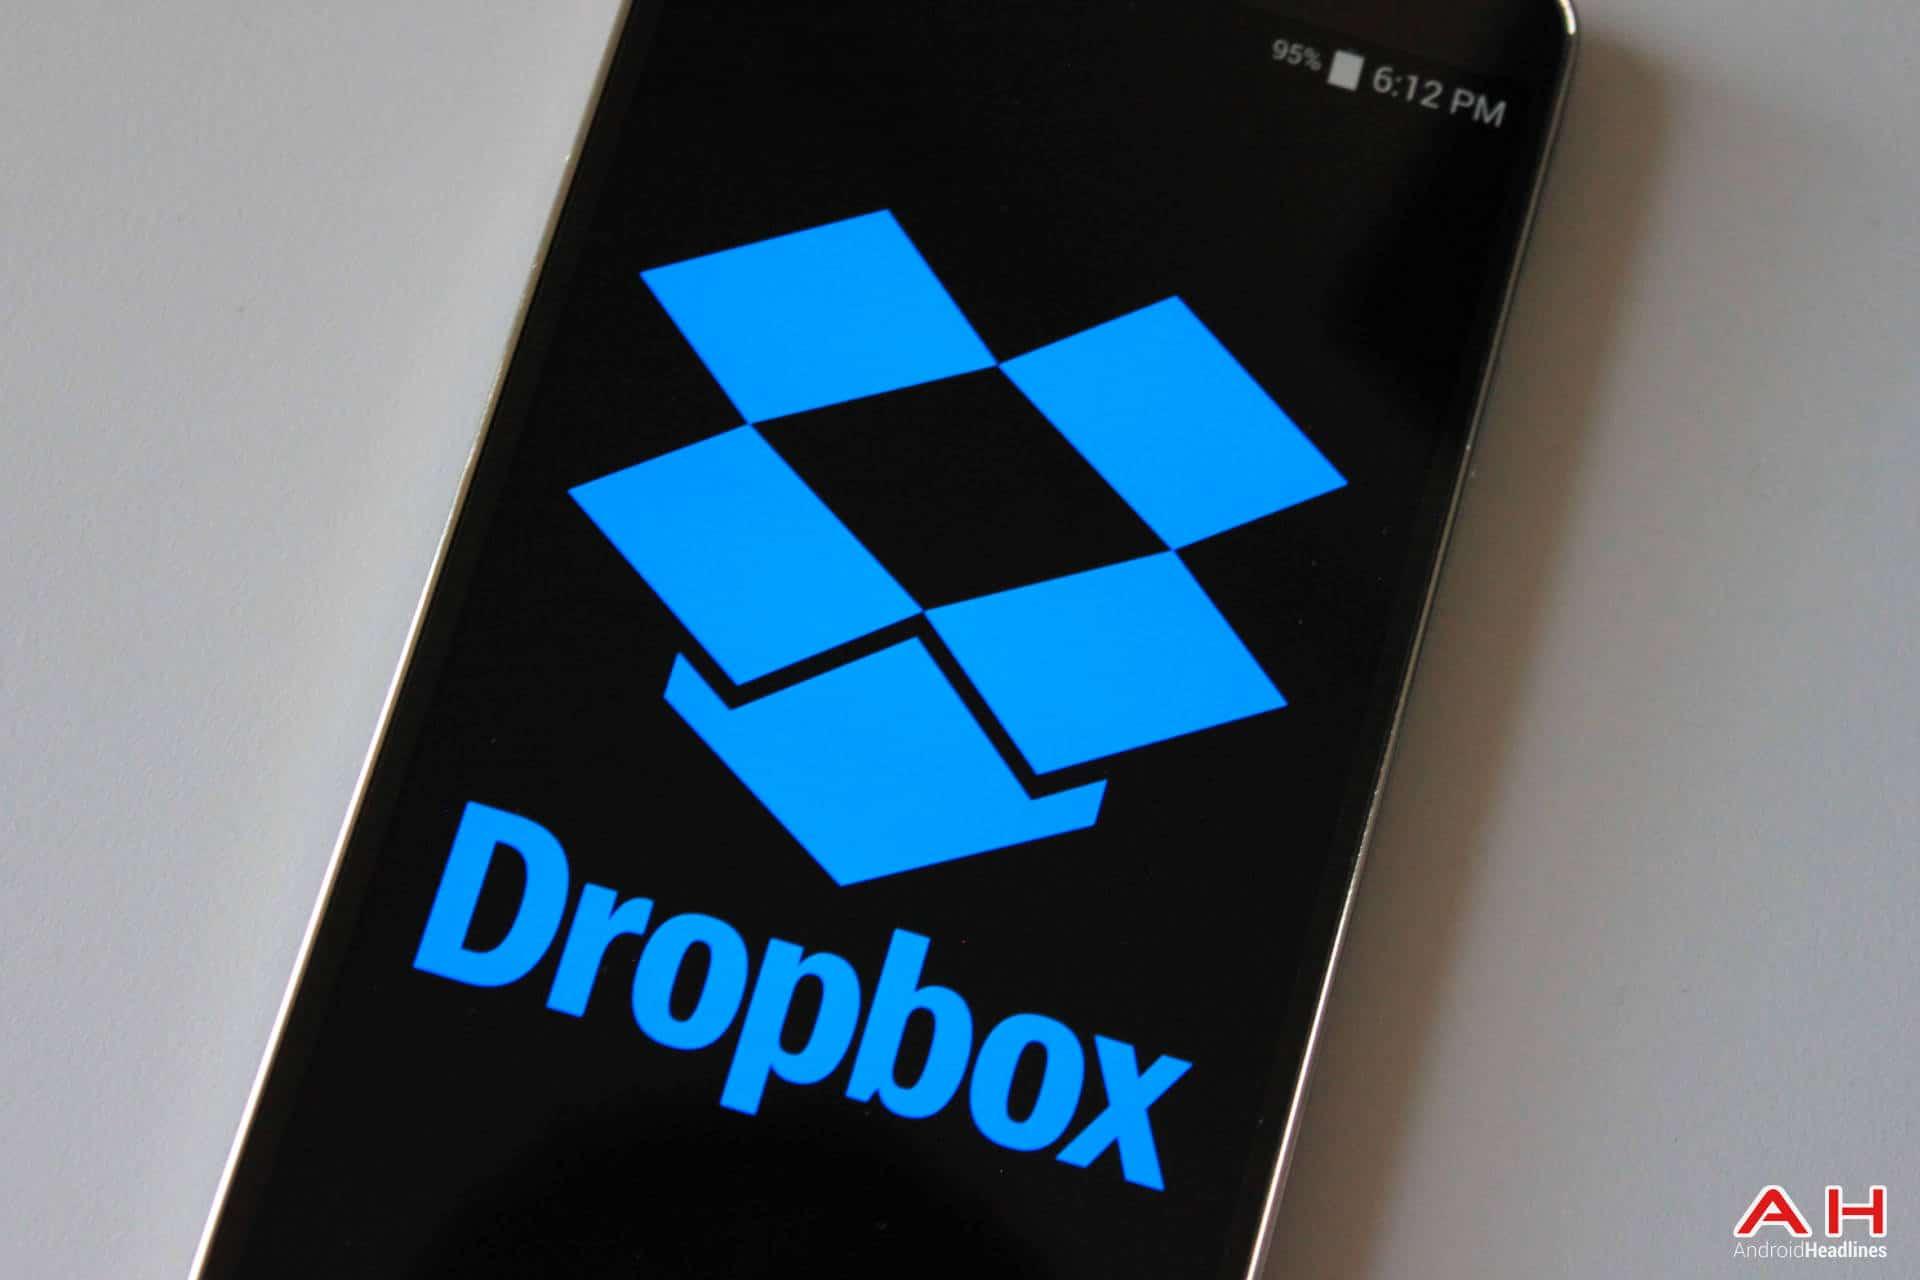 AH Dropbox logo 1.3